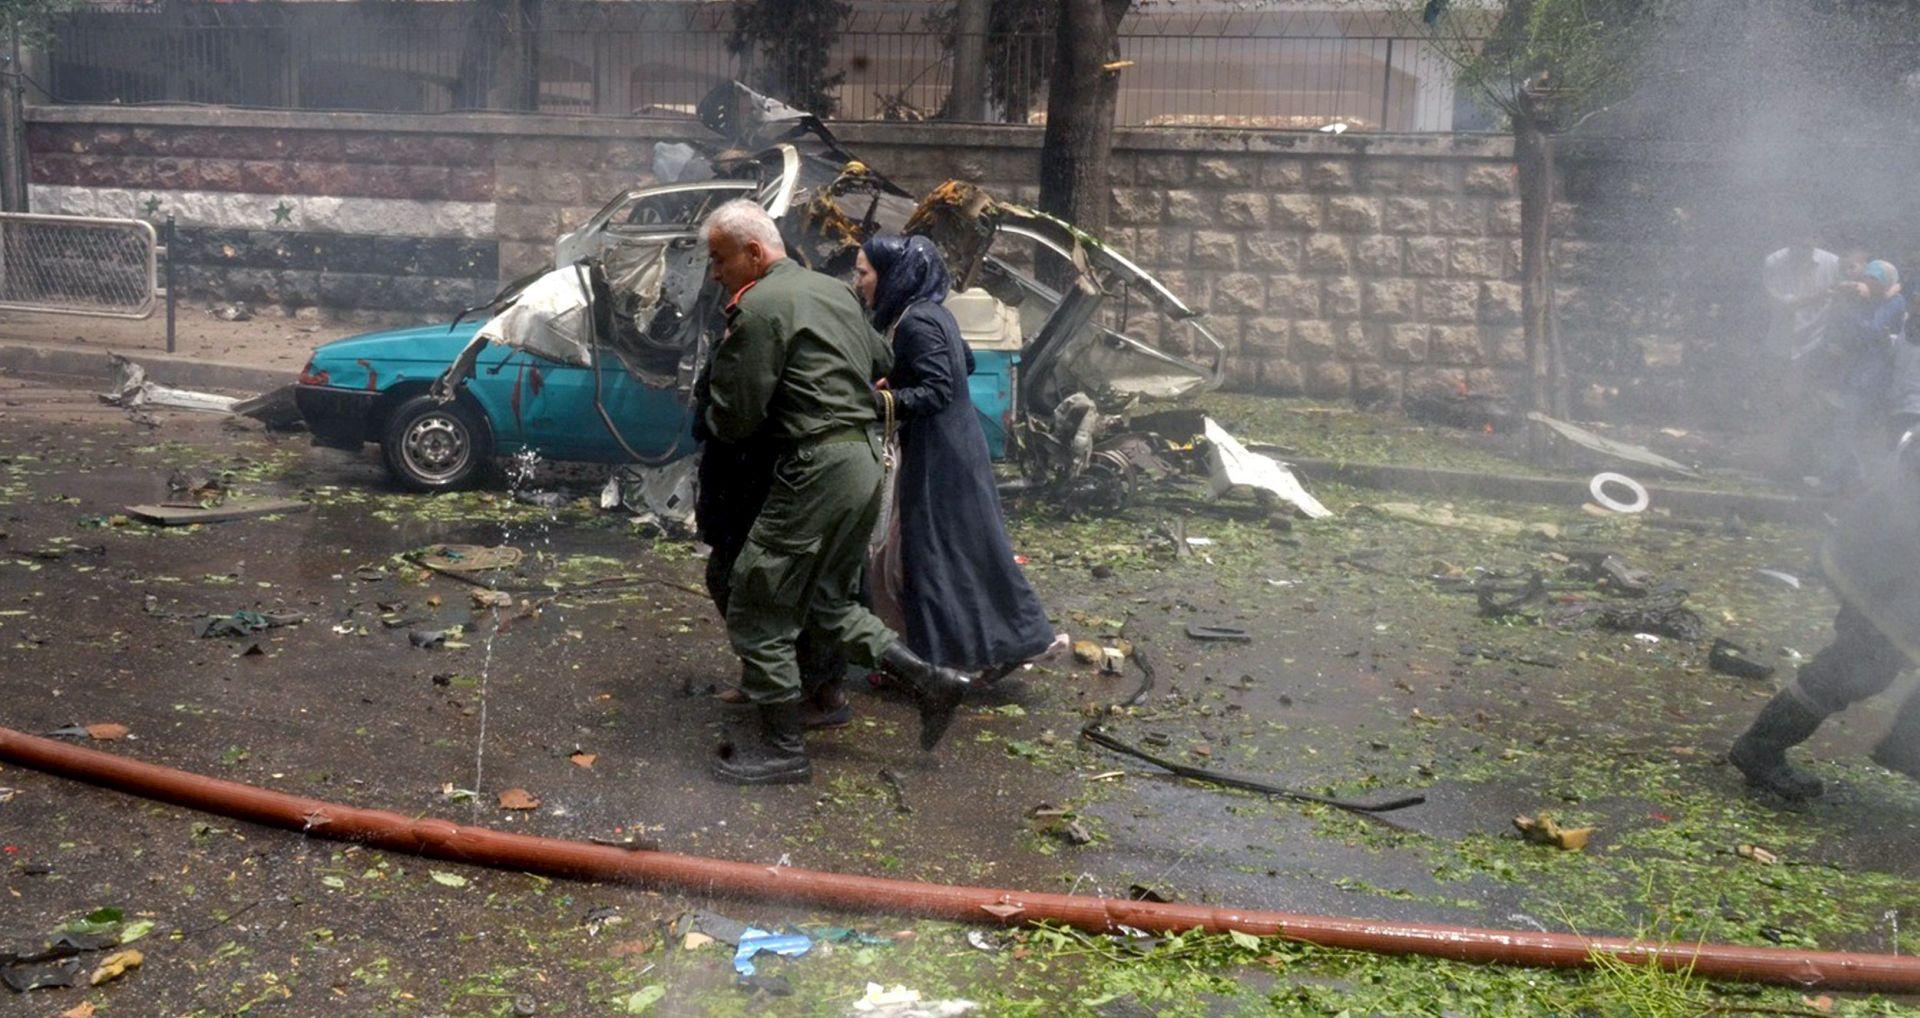 UJEDINJENI NARODI Više od 600 ranjenih u istočnom Alepu, hitno potrebna evakuacija